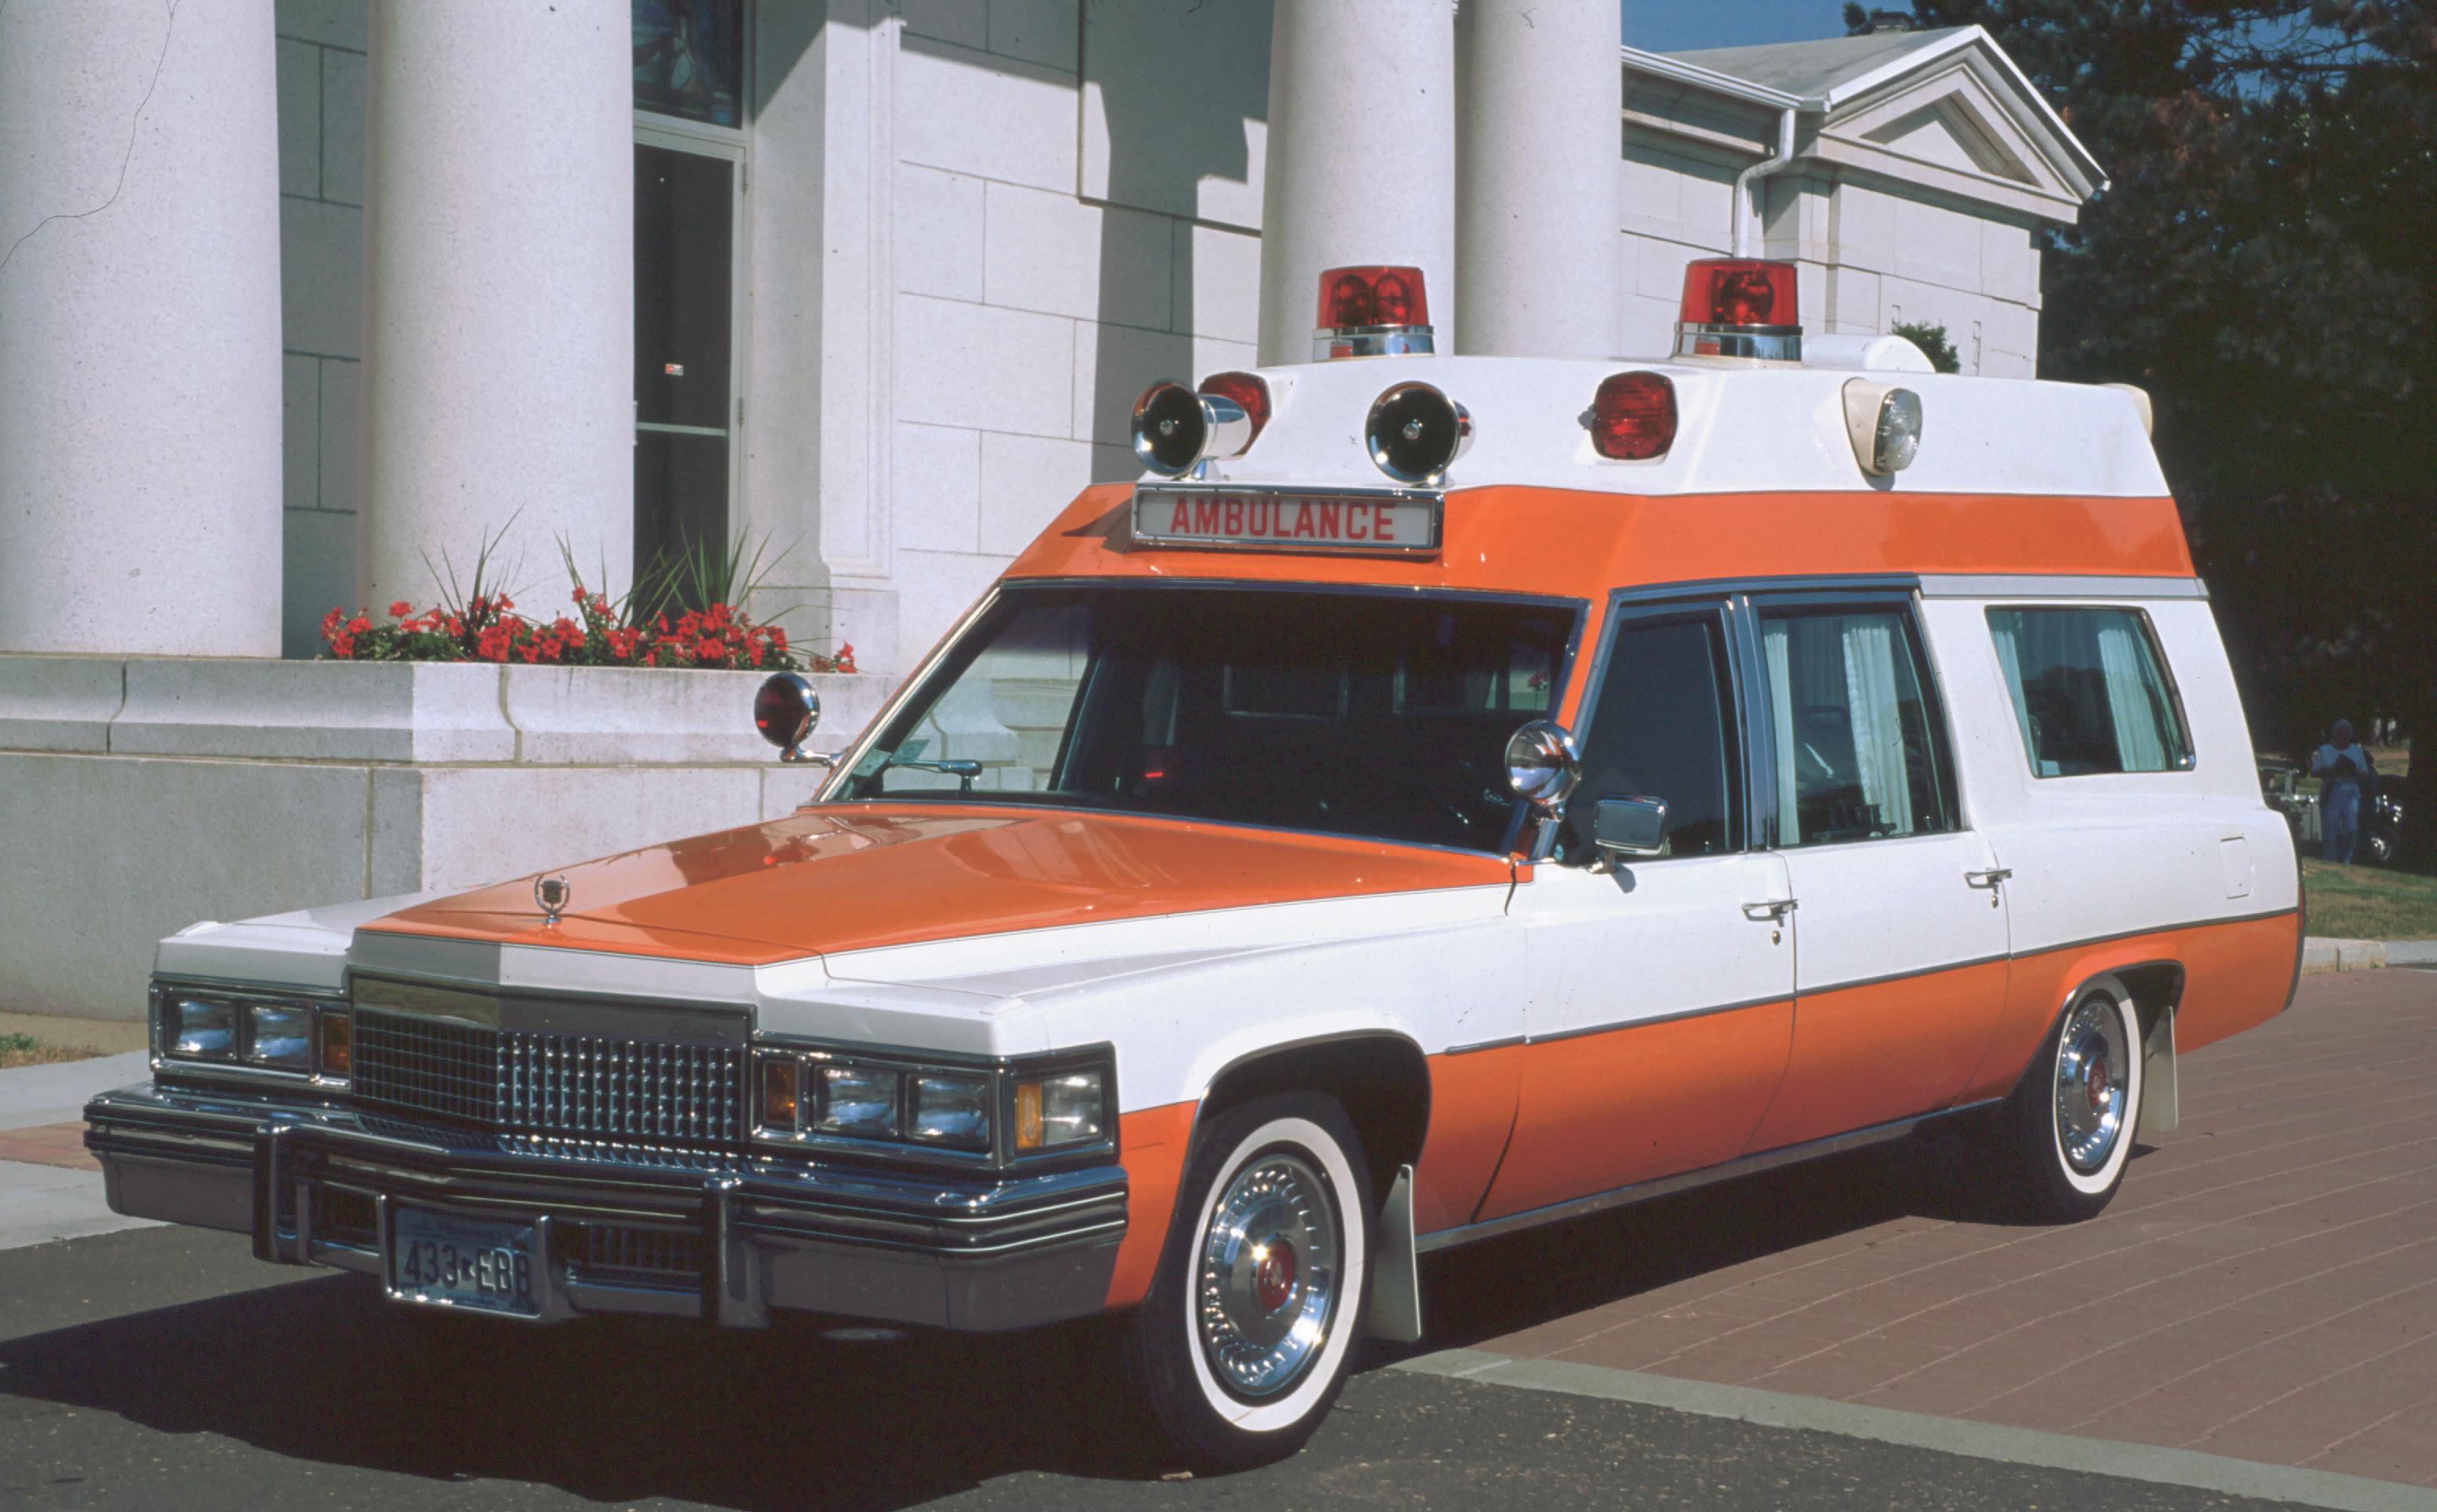 Ambulance - 5